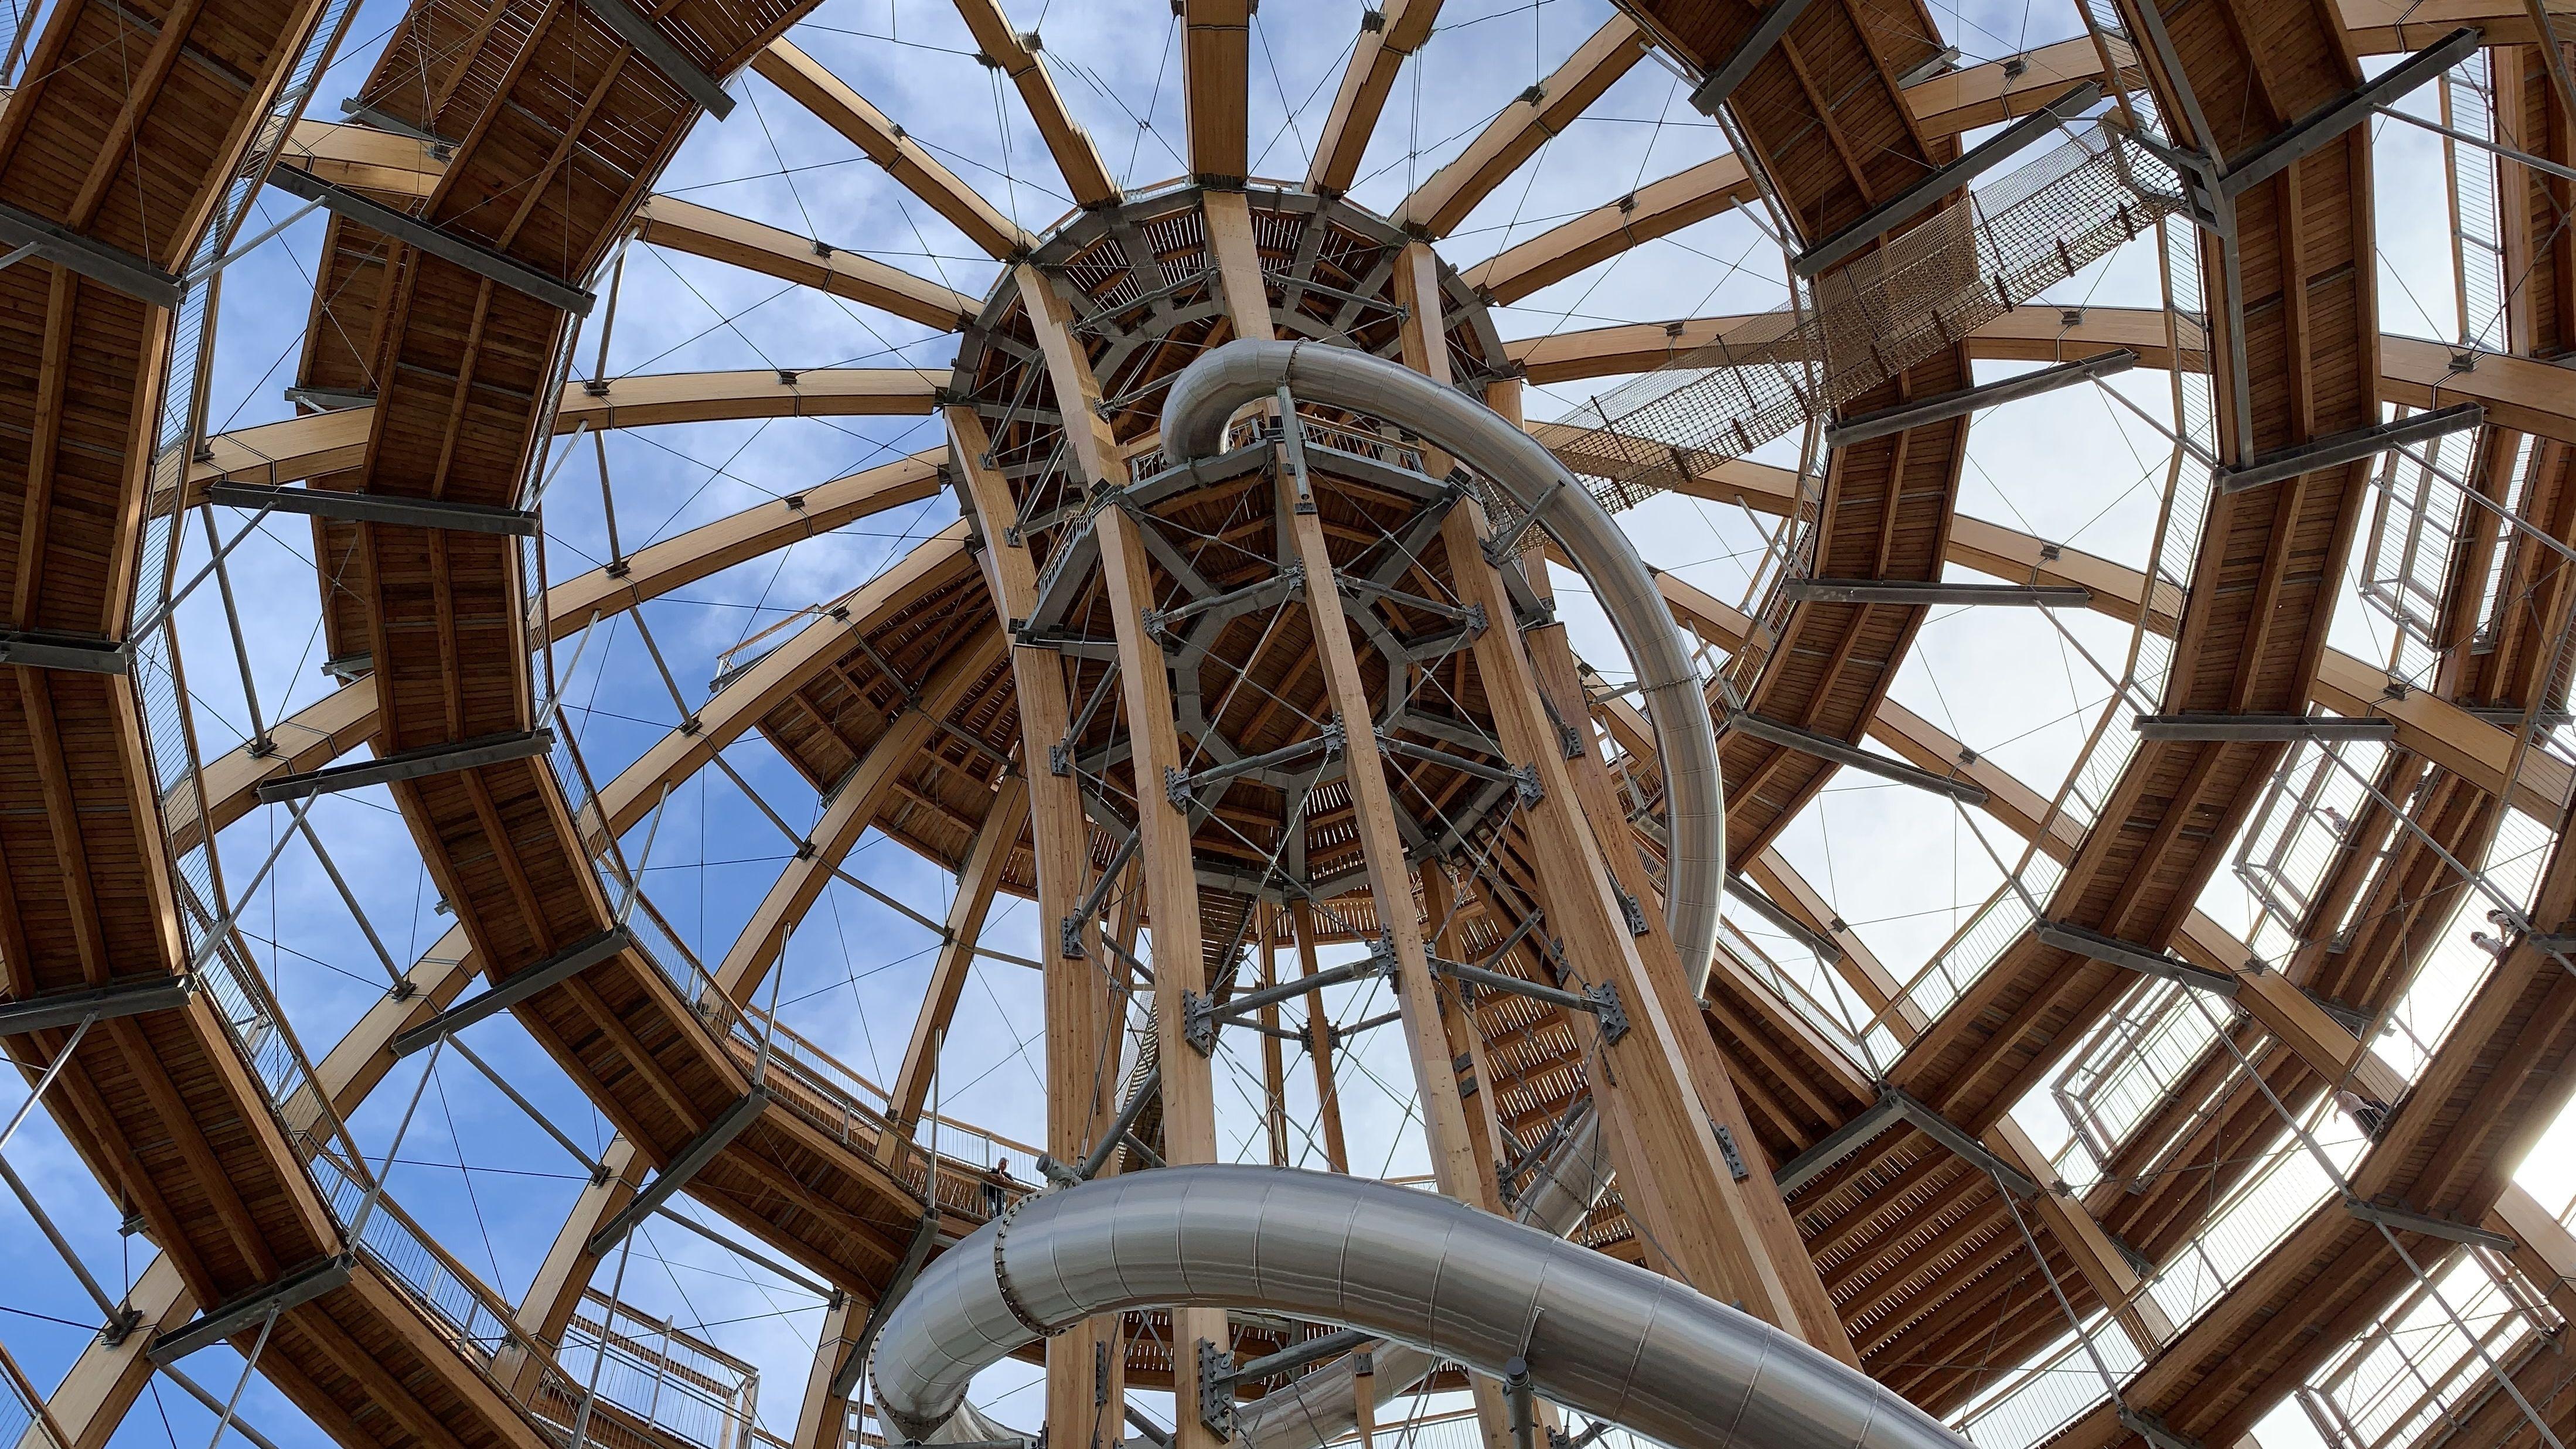 Auf einer rund 700 Meter langen Holzspirale können Besucher auf 40 Meter Höhe steigen und einen 360-Grad-Panoramablick genießen.